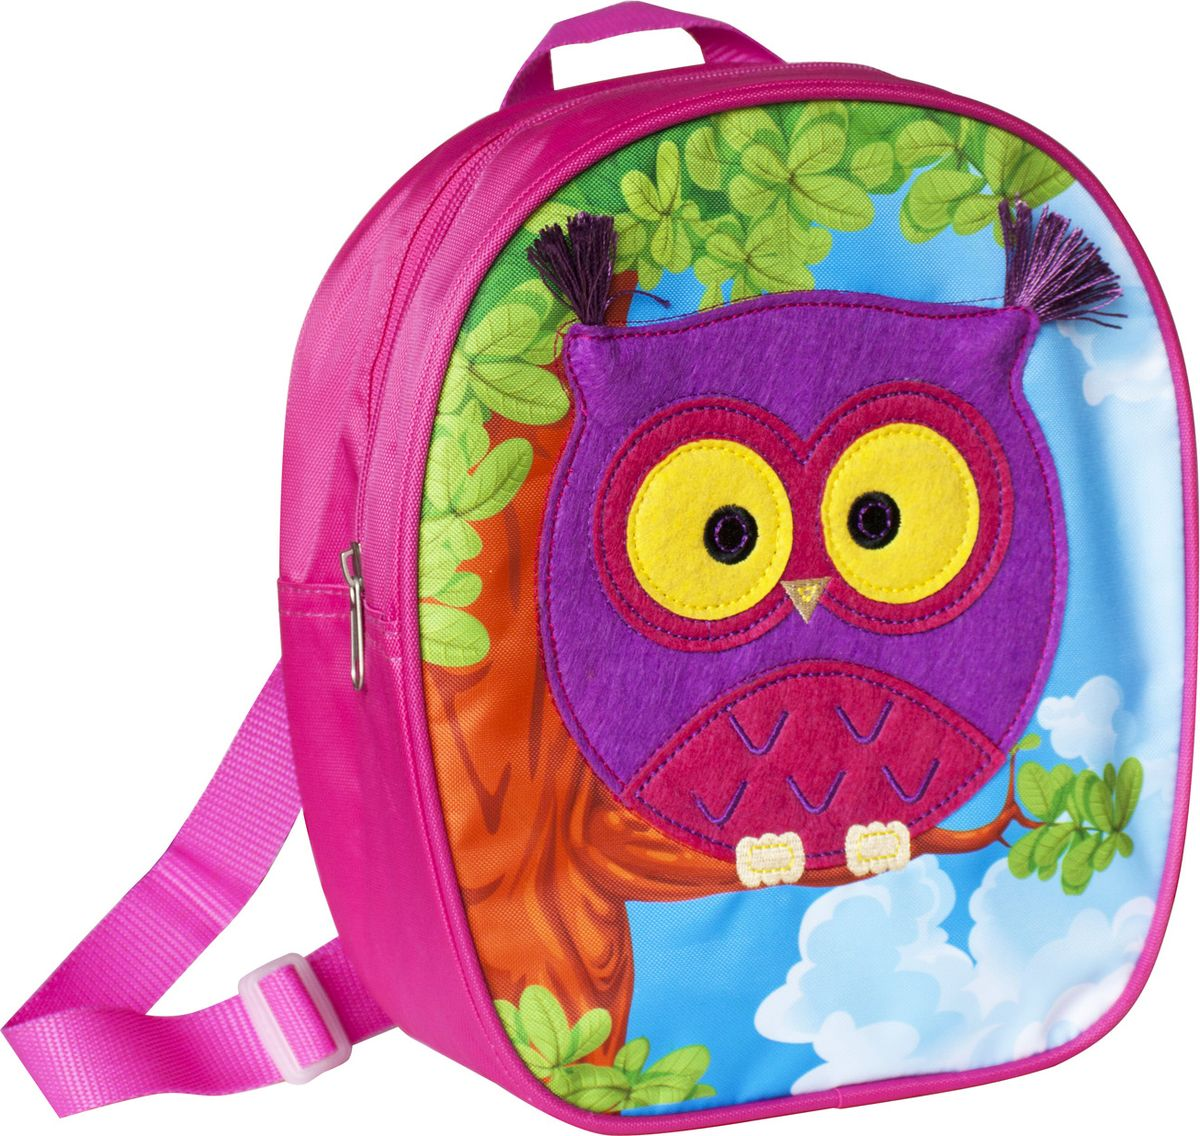 Росмэн Рюкзак дошкольный Сова72523WDСимпатичный дошкольный рюкзачок Сова - это удобный, легкий и компактный аксессуар для вашего малыша, который обязательно пригодится для прогулок и детского сада.В его внутреннее отделение на застежке-молнии можно положить игрушки, предметы для творчества или книжку формата А5.Благодаря регулируемым лямкам, рюкзачок подходит детям любого роста. Удобная ручка помогает носить аксессуар в руке или размещать на вешалке.Износостойкий материал с водонепроницаемой основой и подкладка обеспечивают изделию длительный срок службы и помогают держать вещи сухими в сырую погоду. Аксессуар декорирован ярким принтом (сублимированной печатью), устойчивым к истиранию и выгоранию на солнце, аппликацией из фетра, вышивкой.